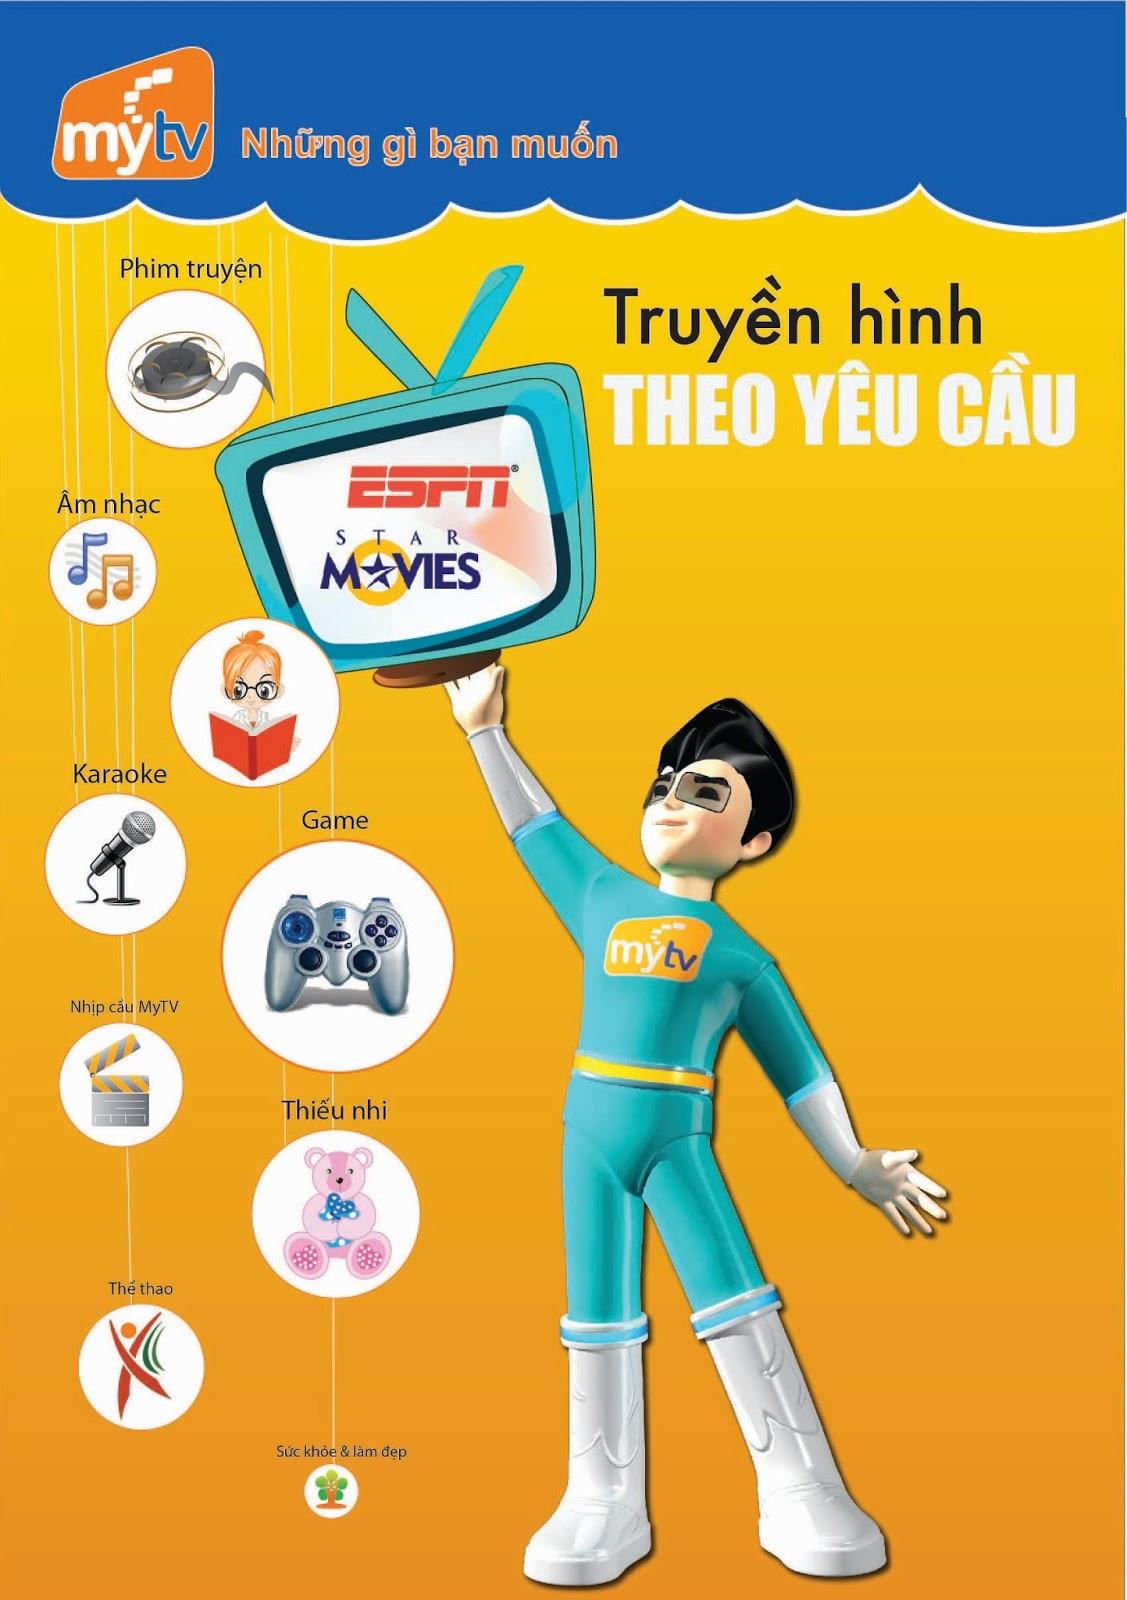 Khuyến mãi đăng ký MyTV